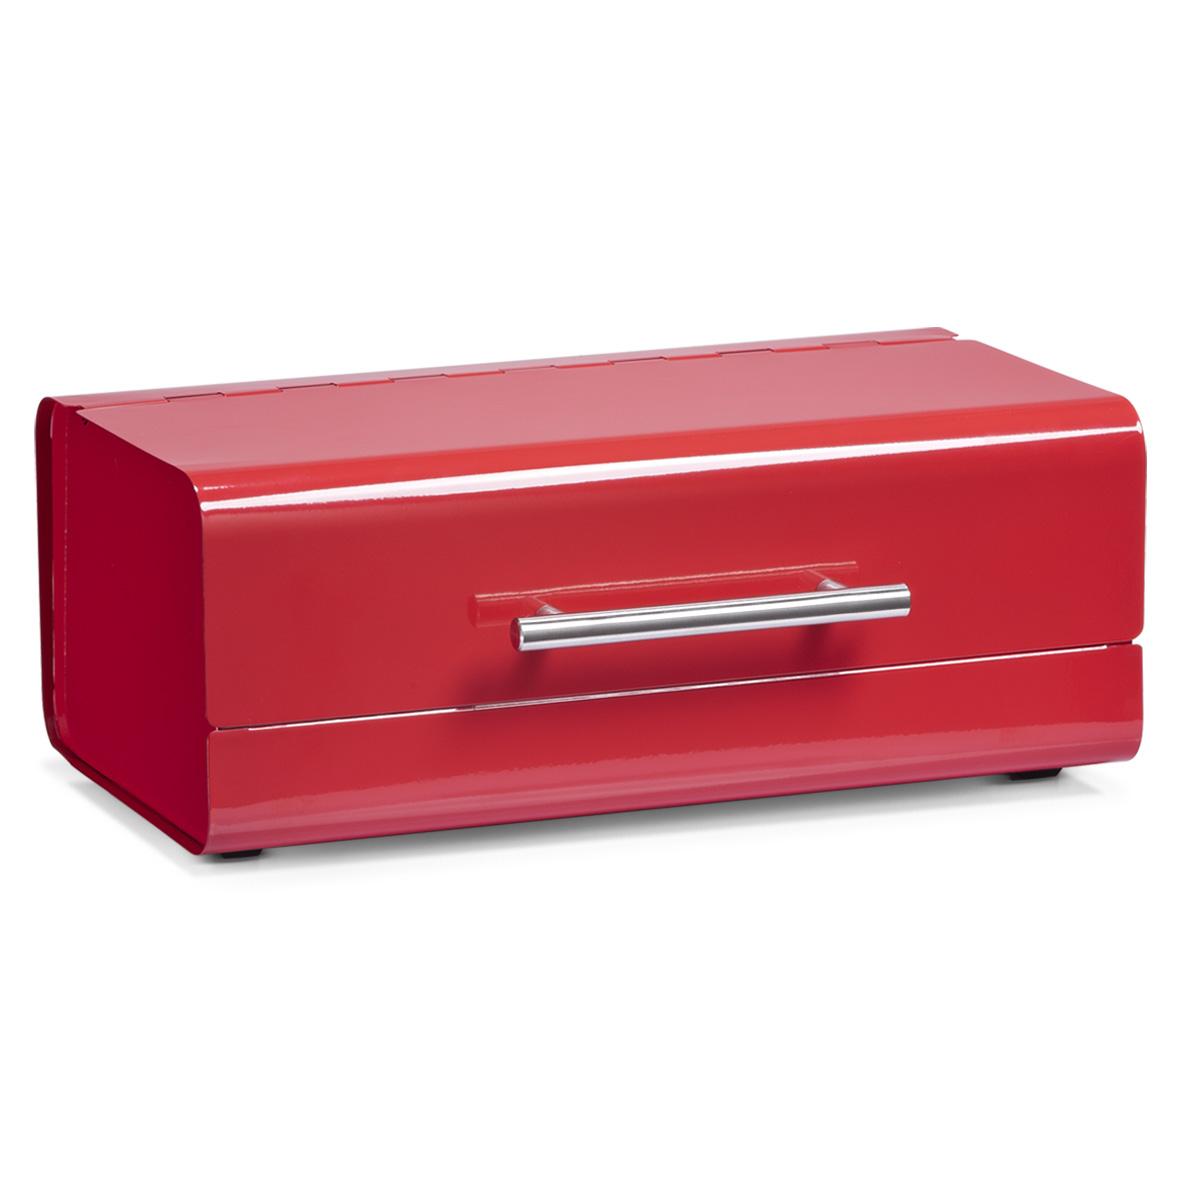 Хлебница металл, красная, 36х23х14см. 2734427344Хлебница металл, красная, 36х23х14см. 27344